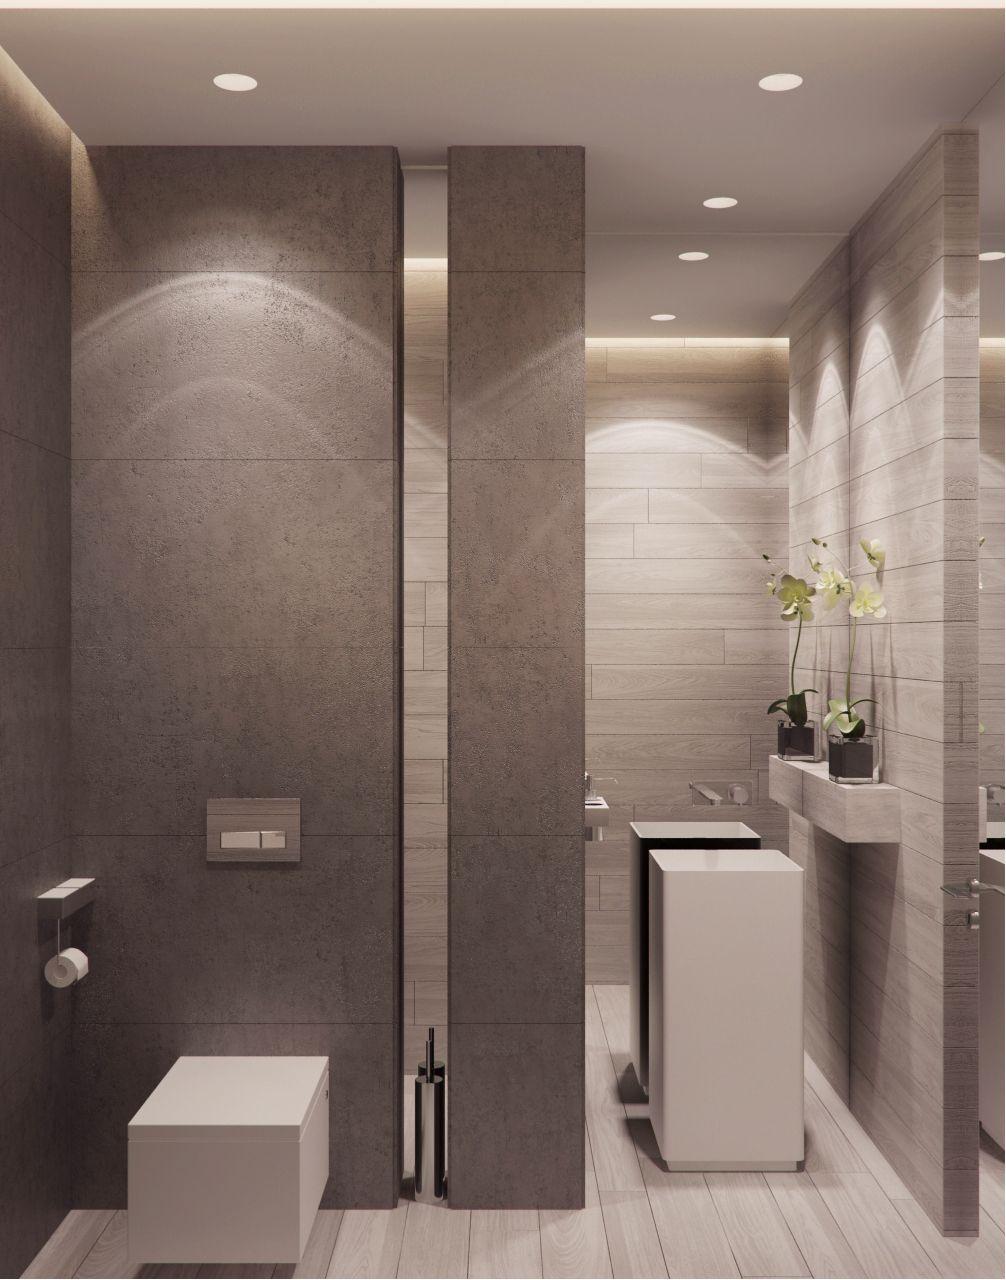 Colores y combinacion muy linda materiales de piso y - Materiales para insonorizar paredes ...